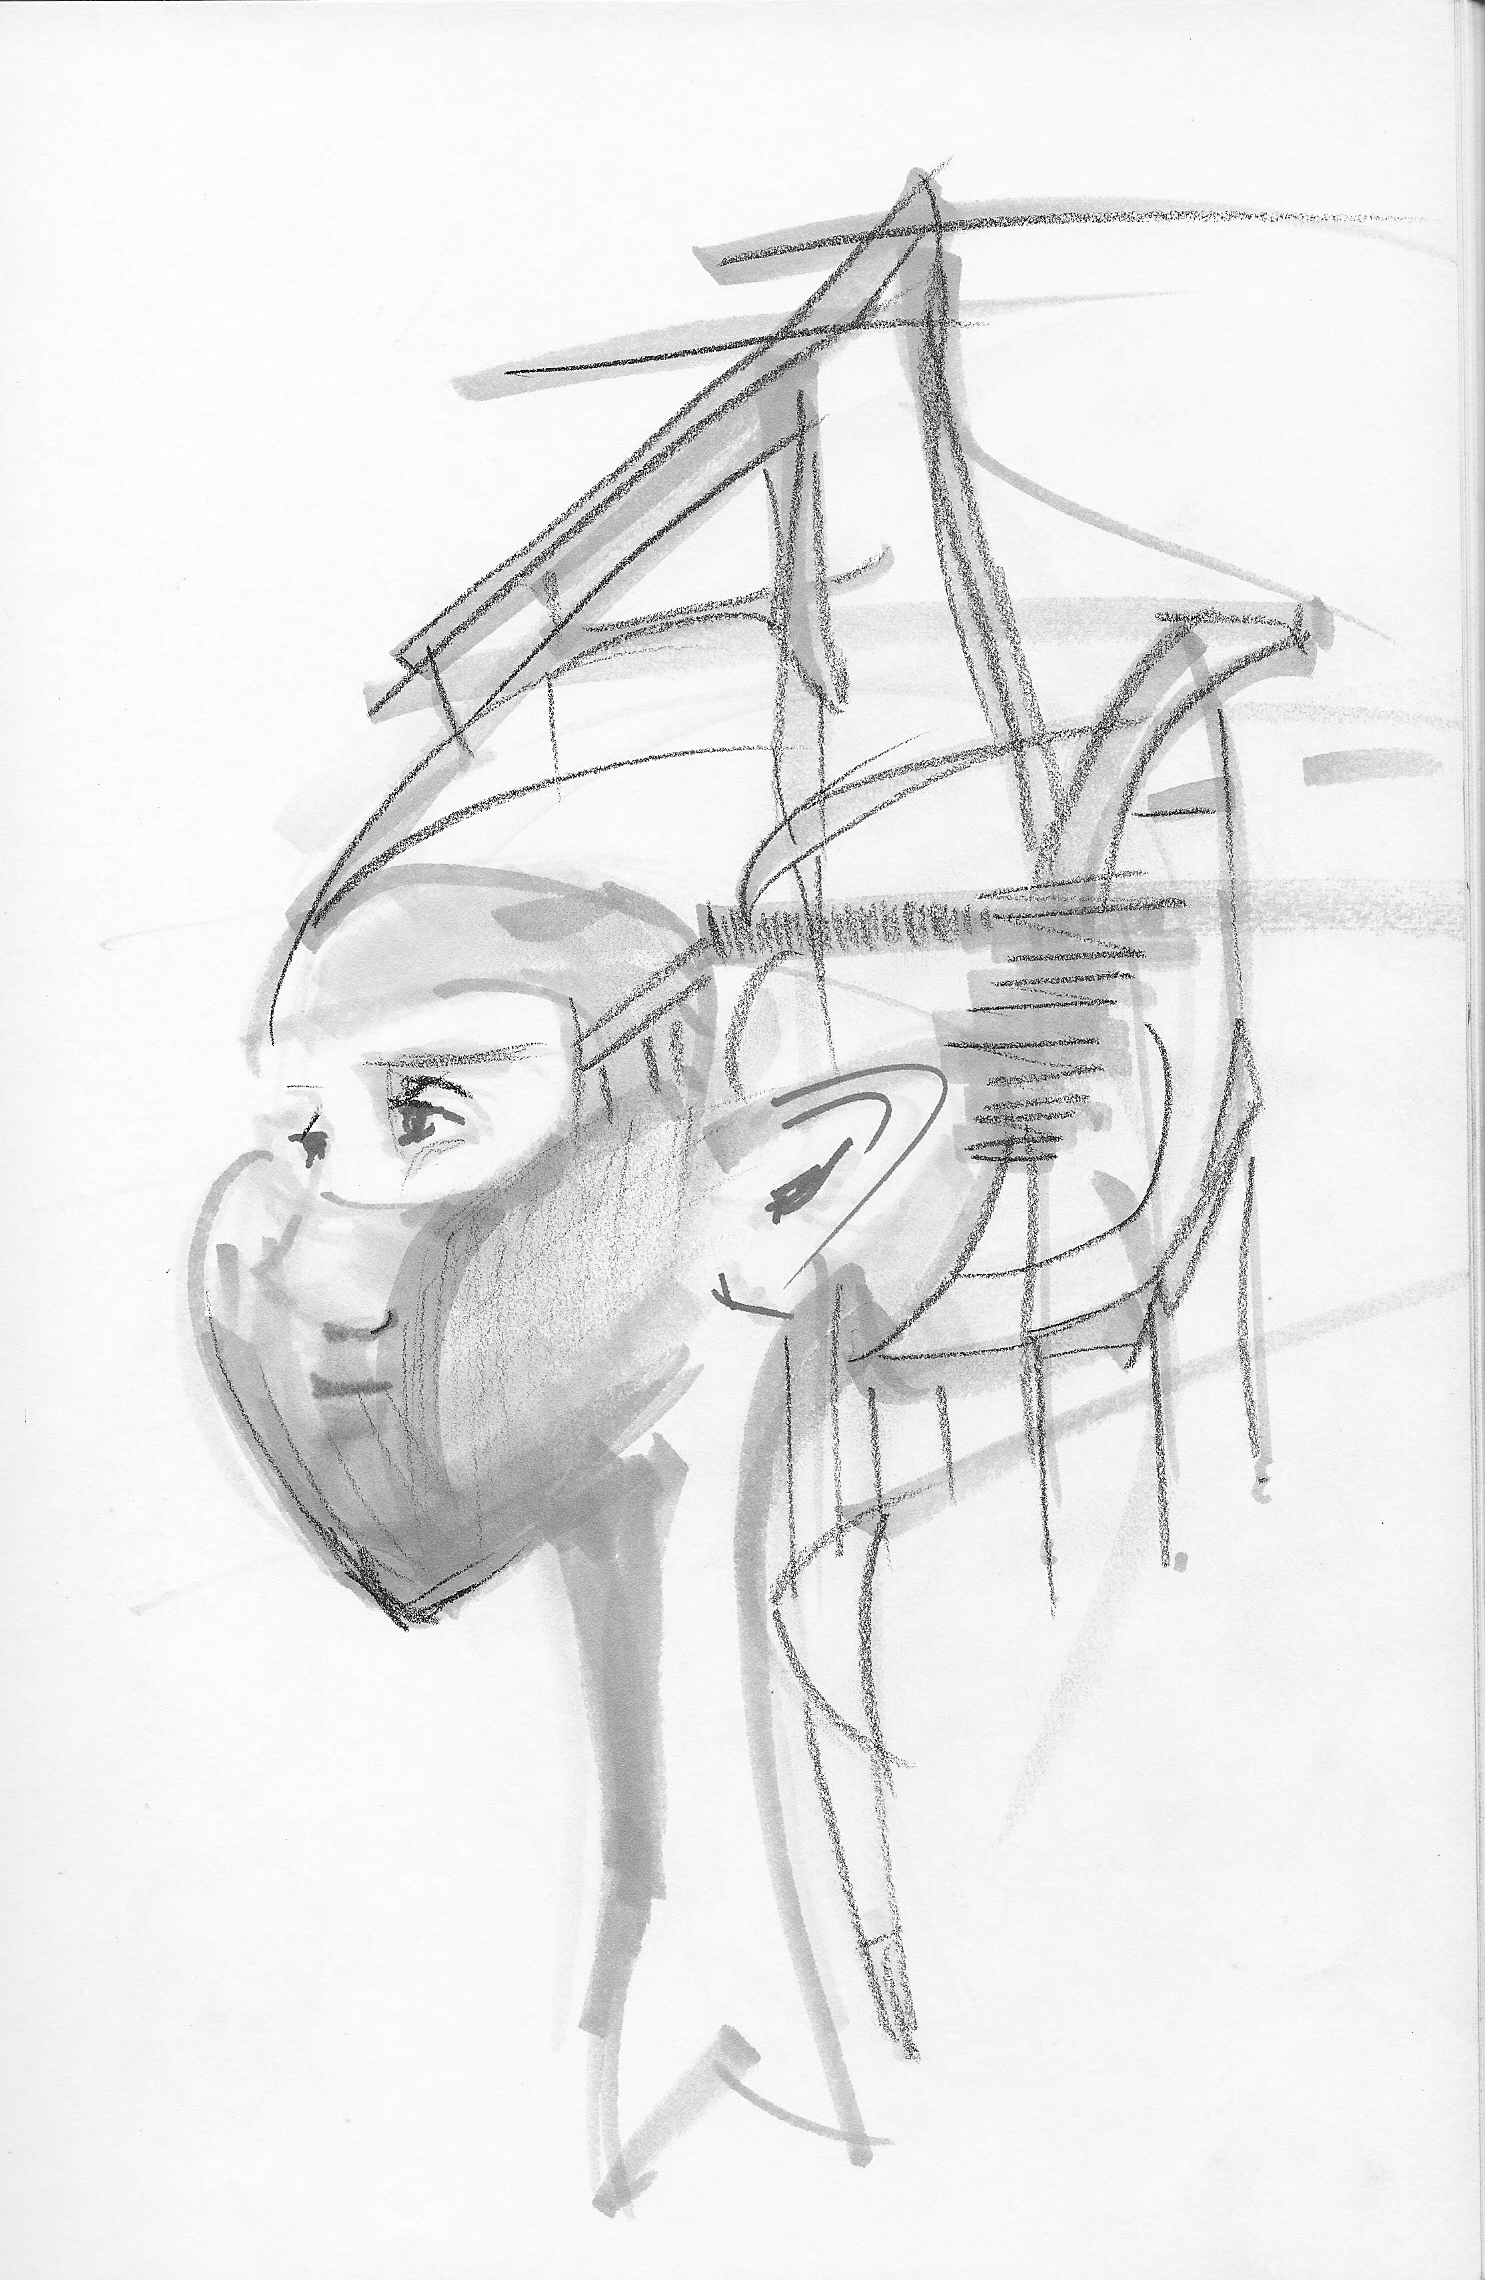 wynwood-artist-sketches-ivette-cabrera